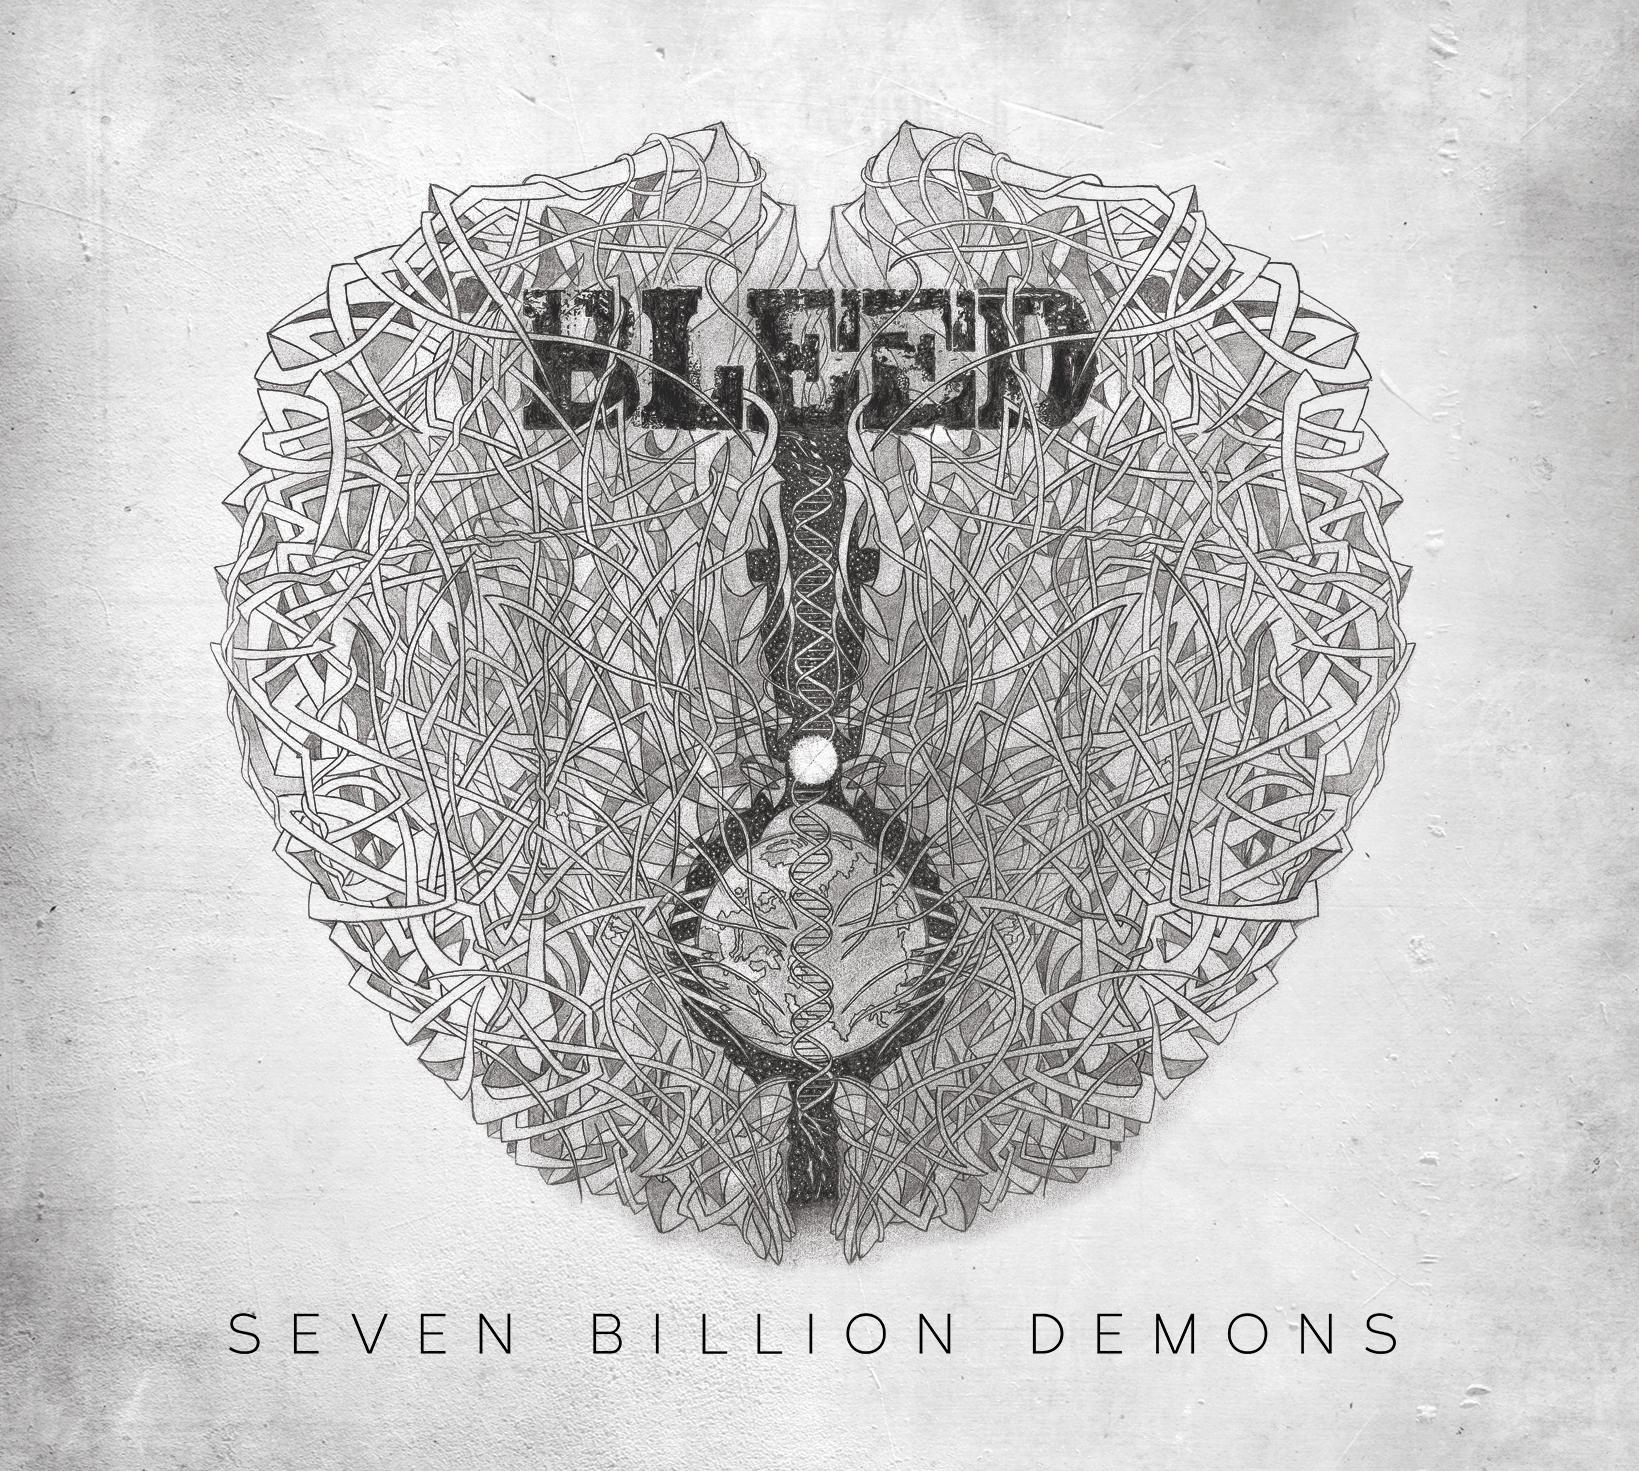 BLEED | Seven Billion Demons (album review) ★★★☆☆